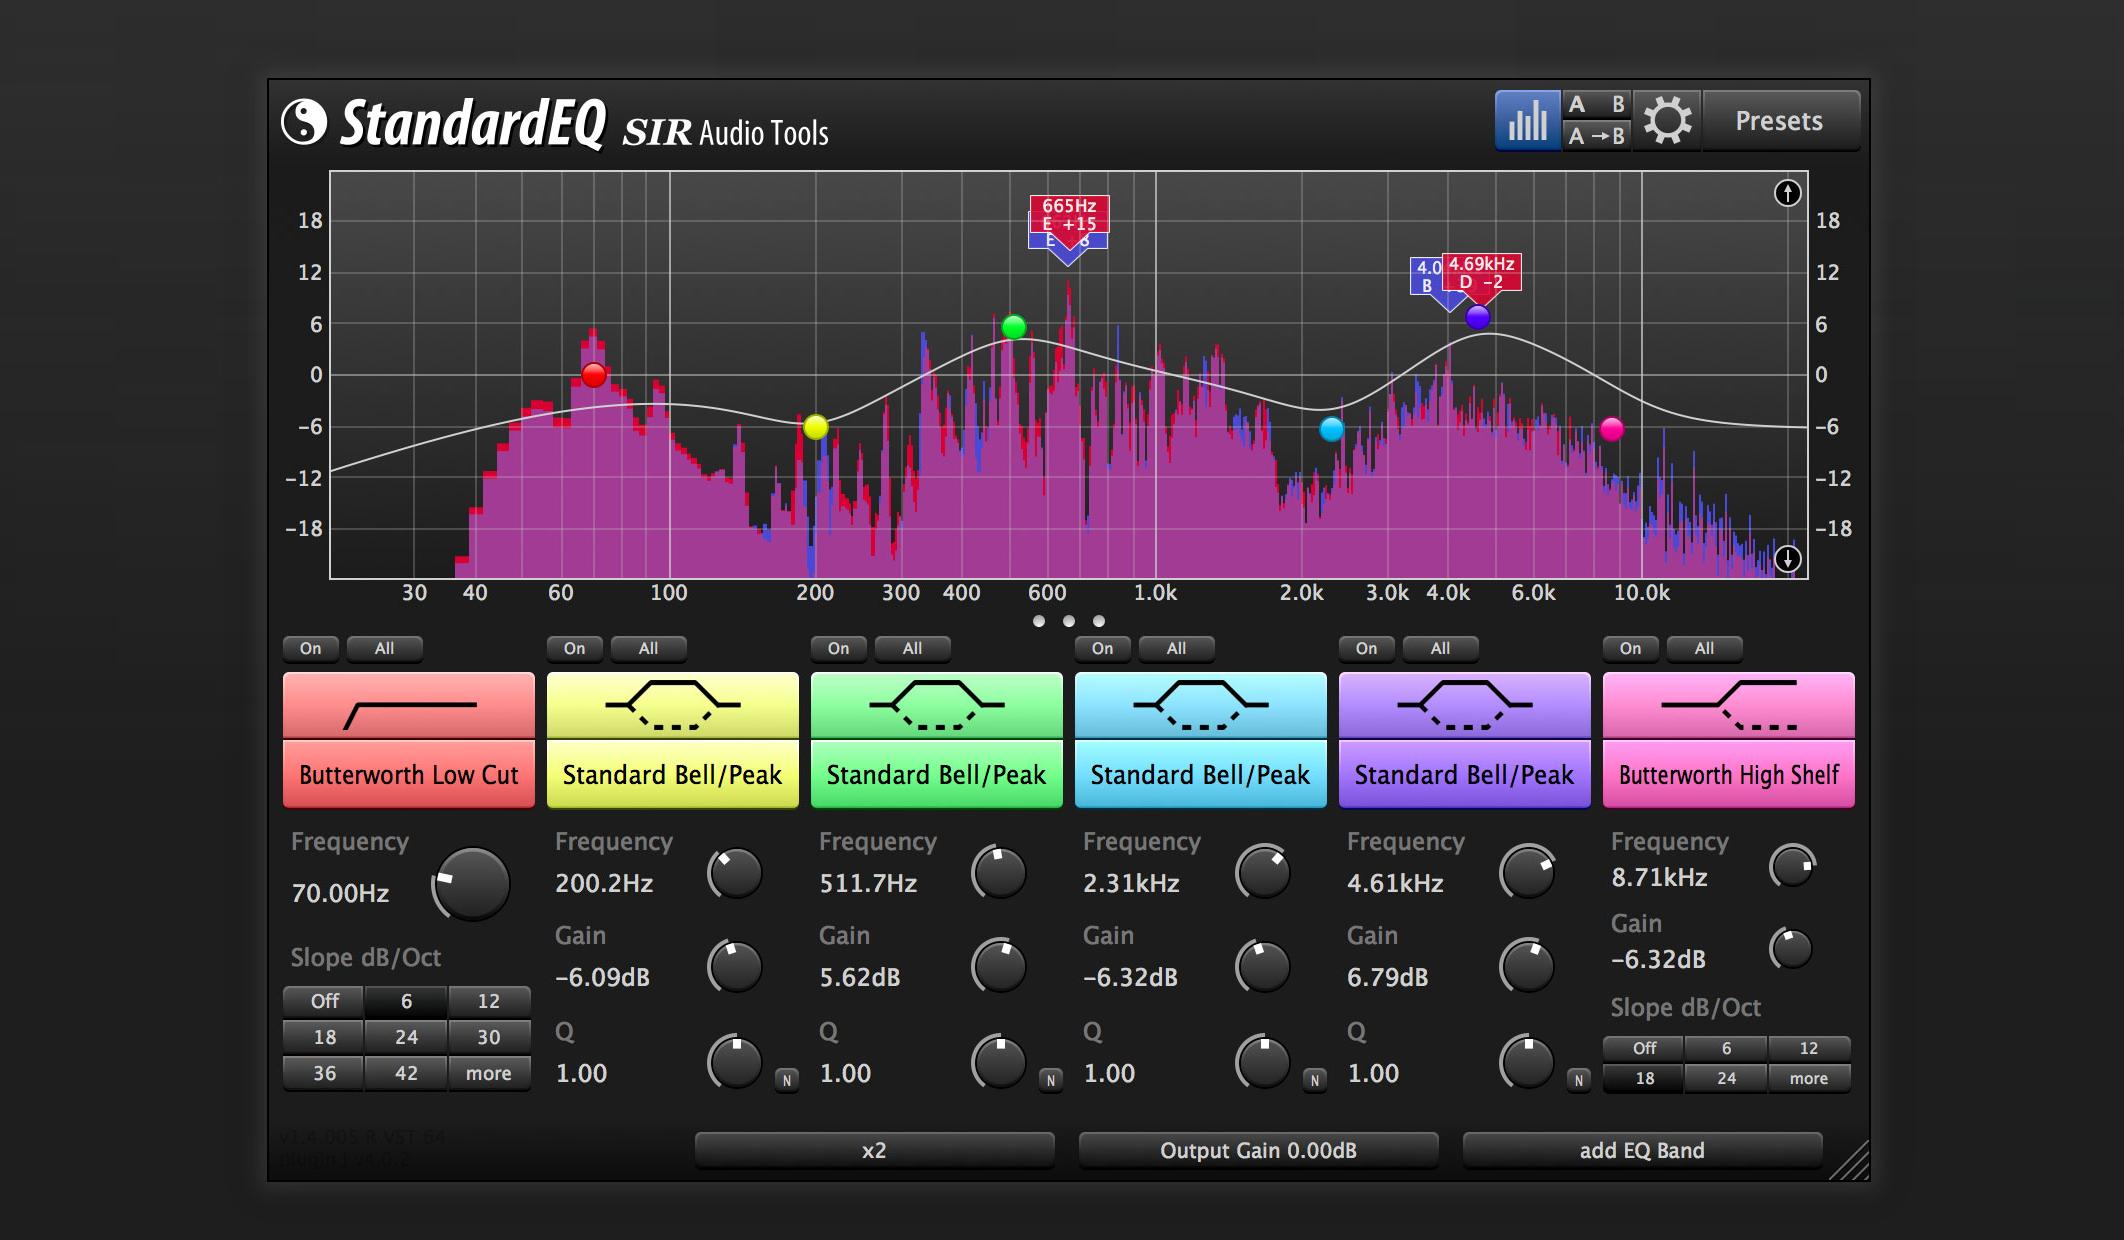 StandardEQ | Details | SIR Audio Tools